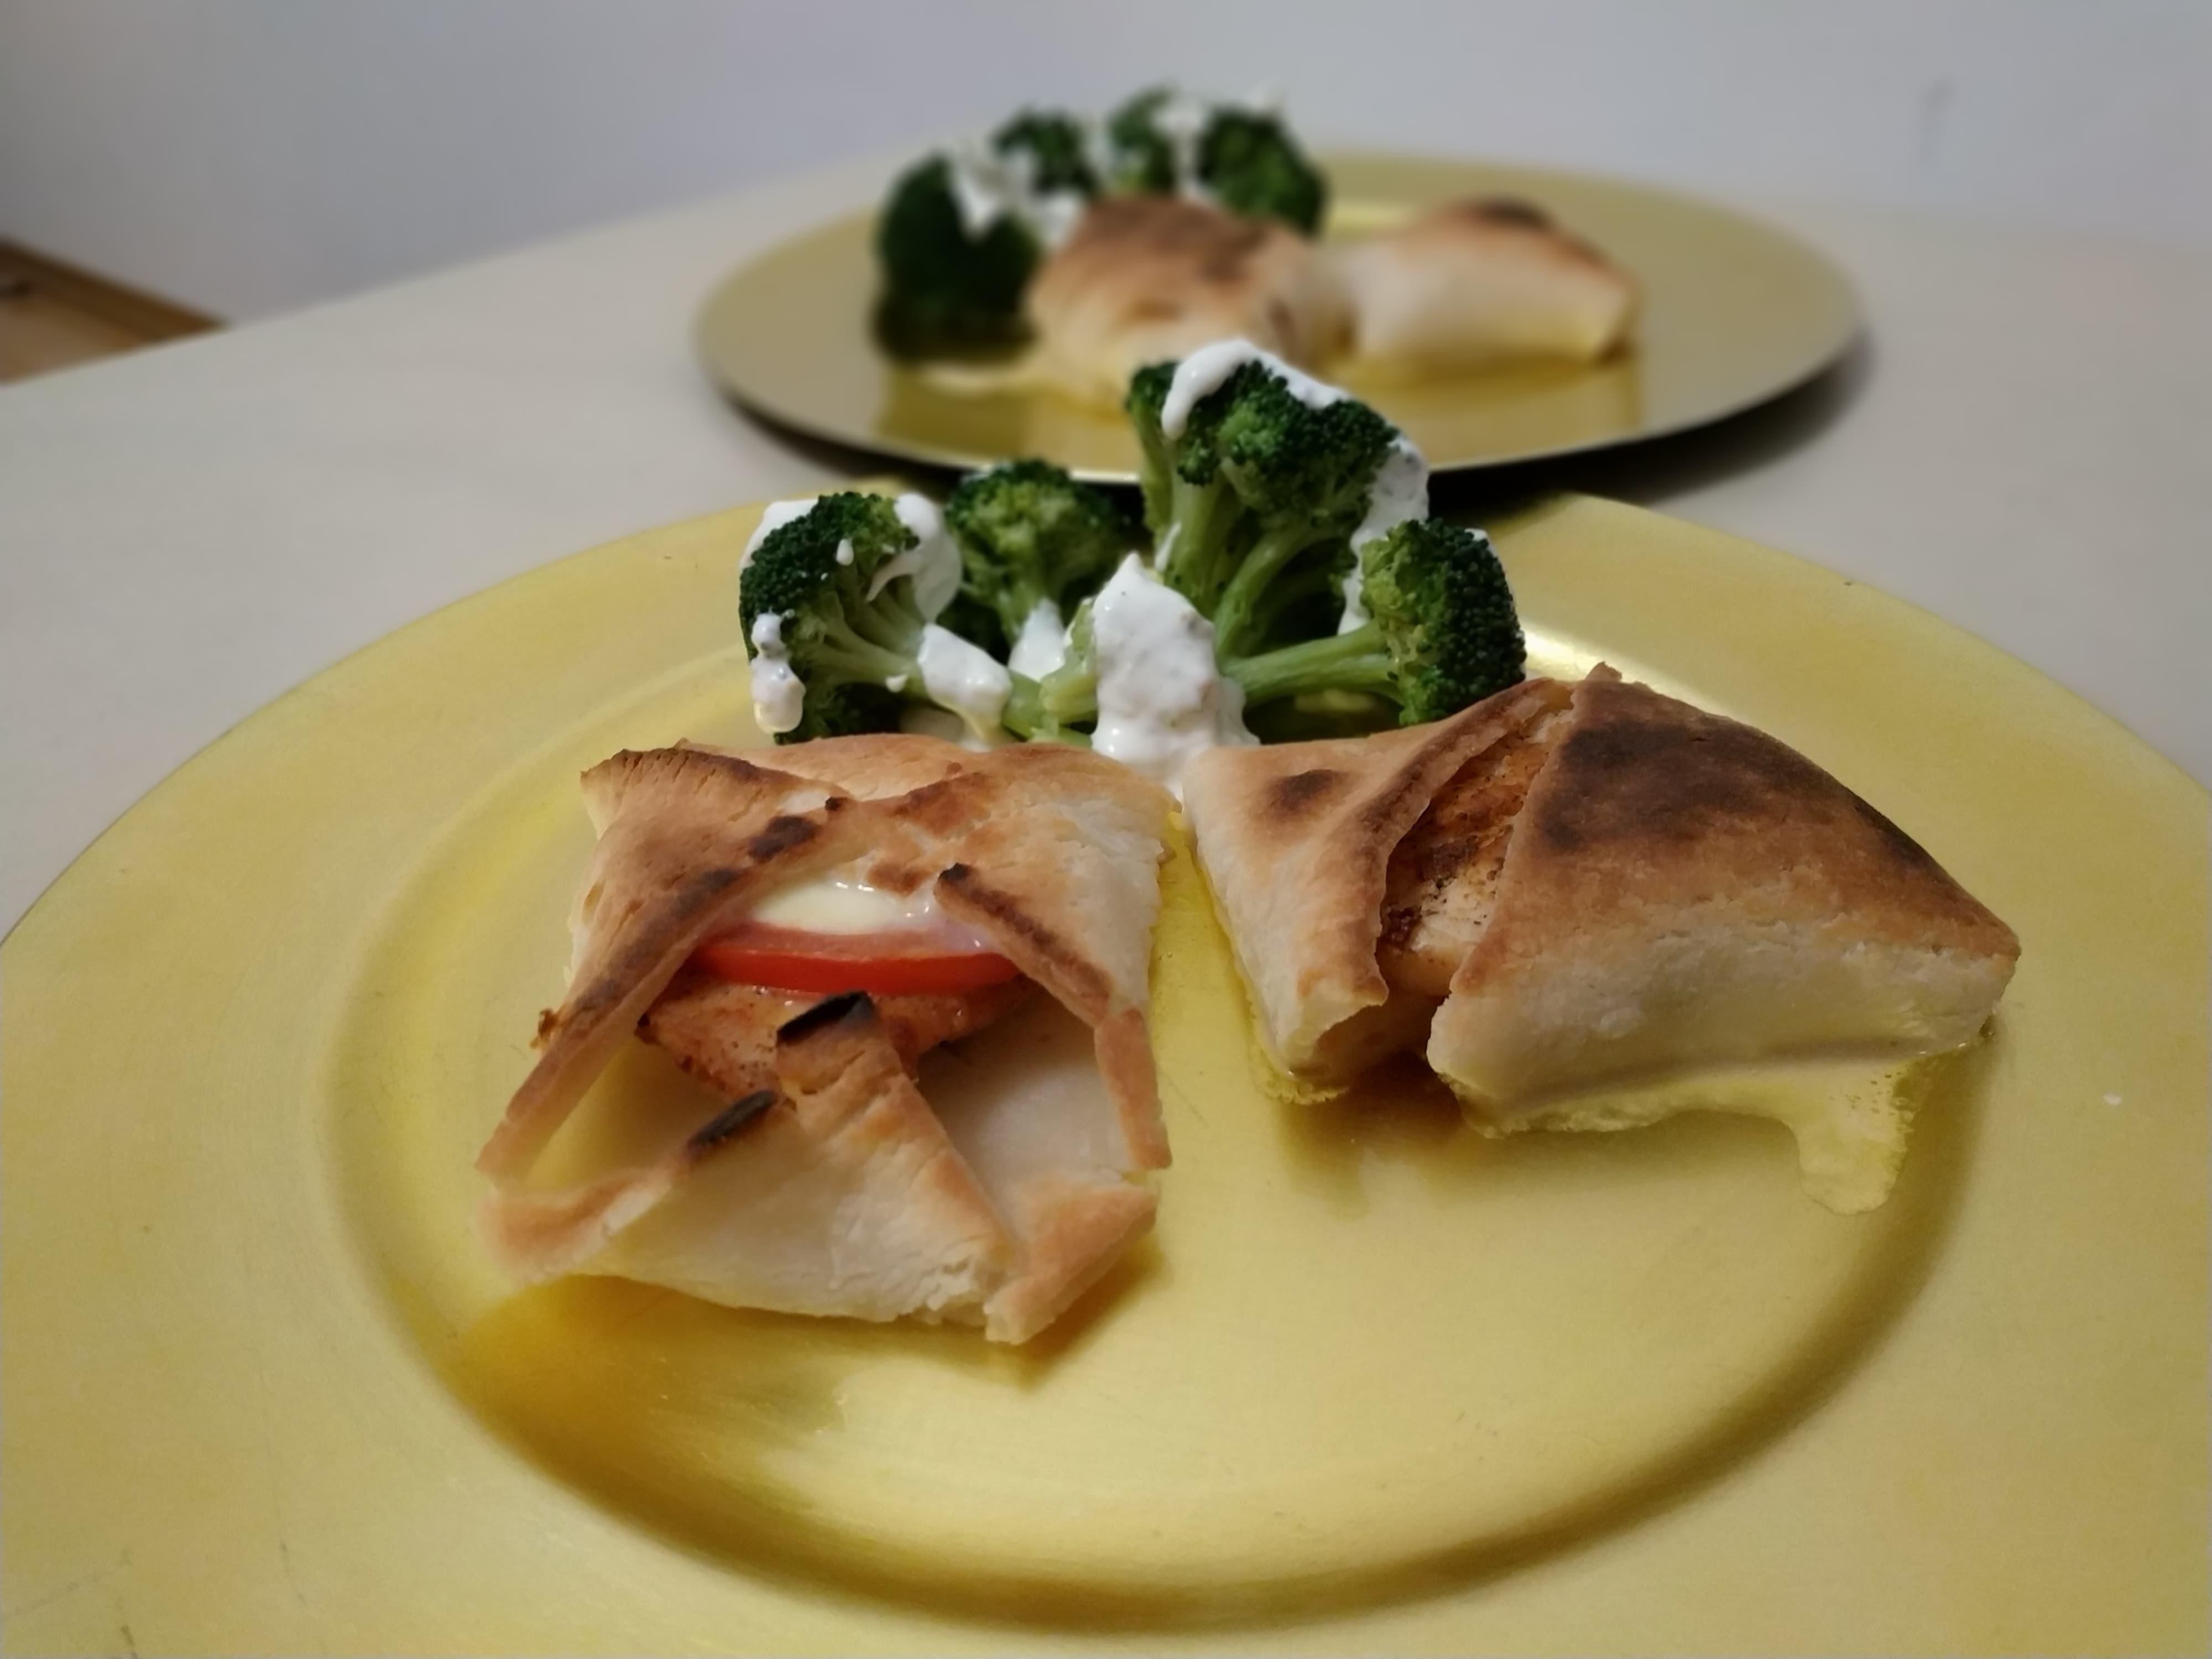 Kurczak w cieście francuskim gluten free